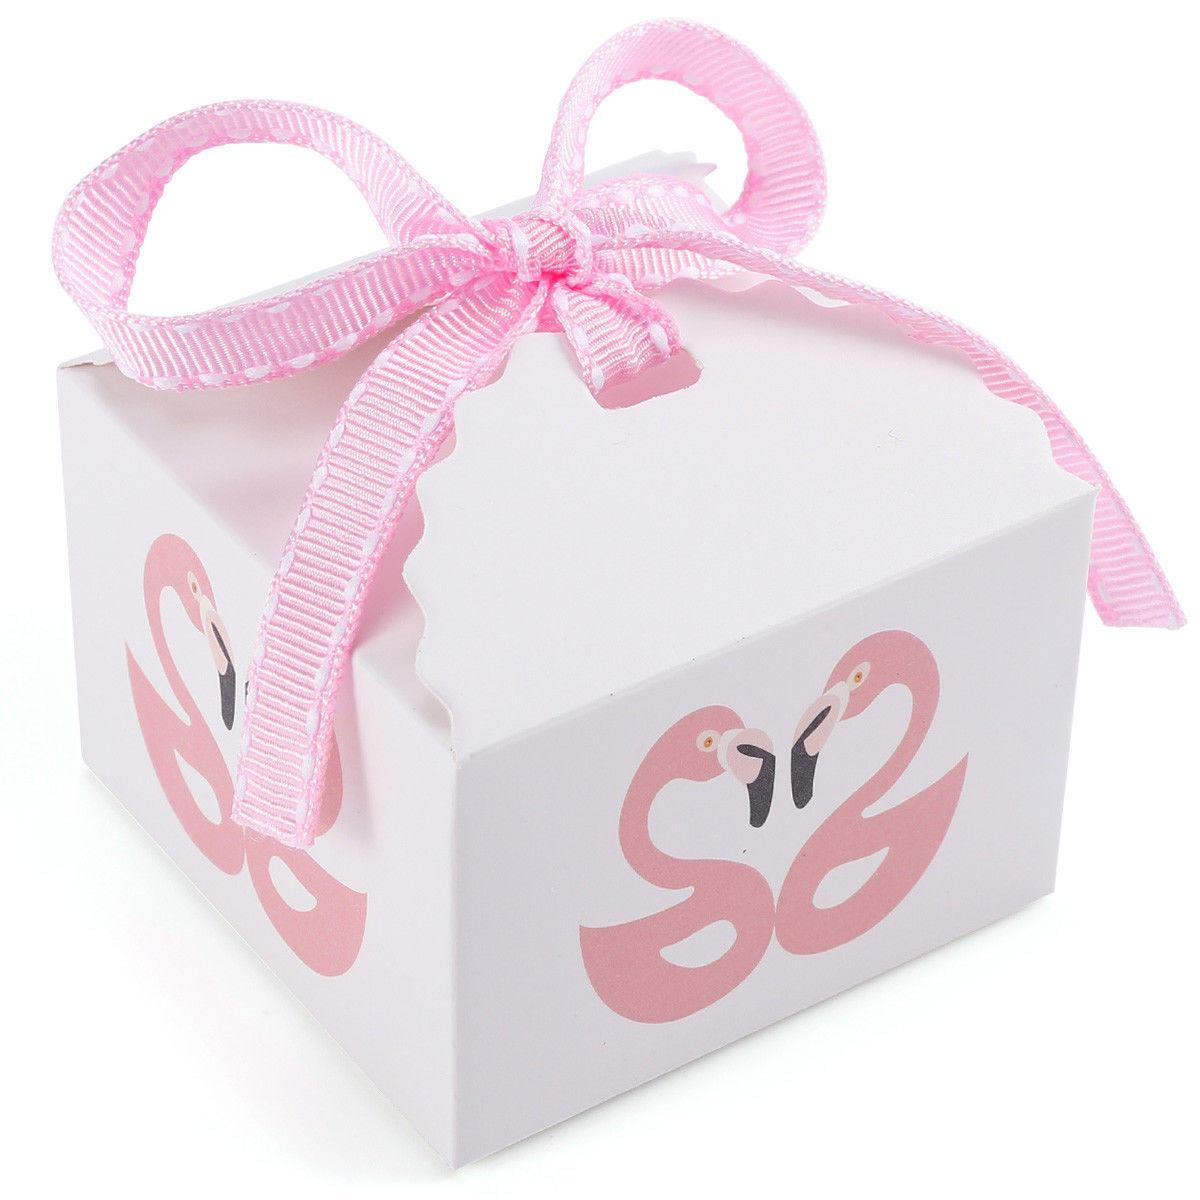 Wedding Favor Boxes Candy Box Casamento DIY Chocolate Box